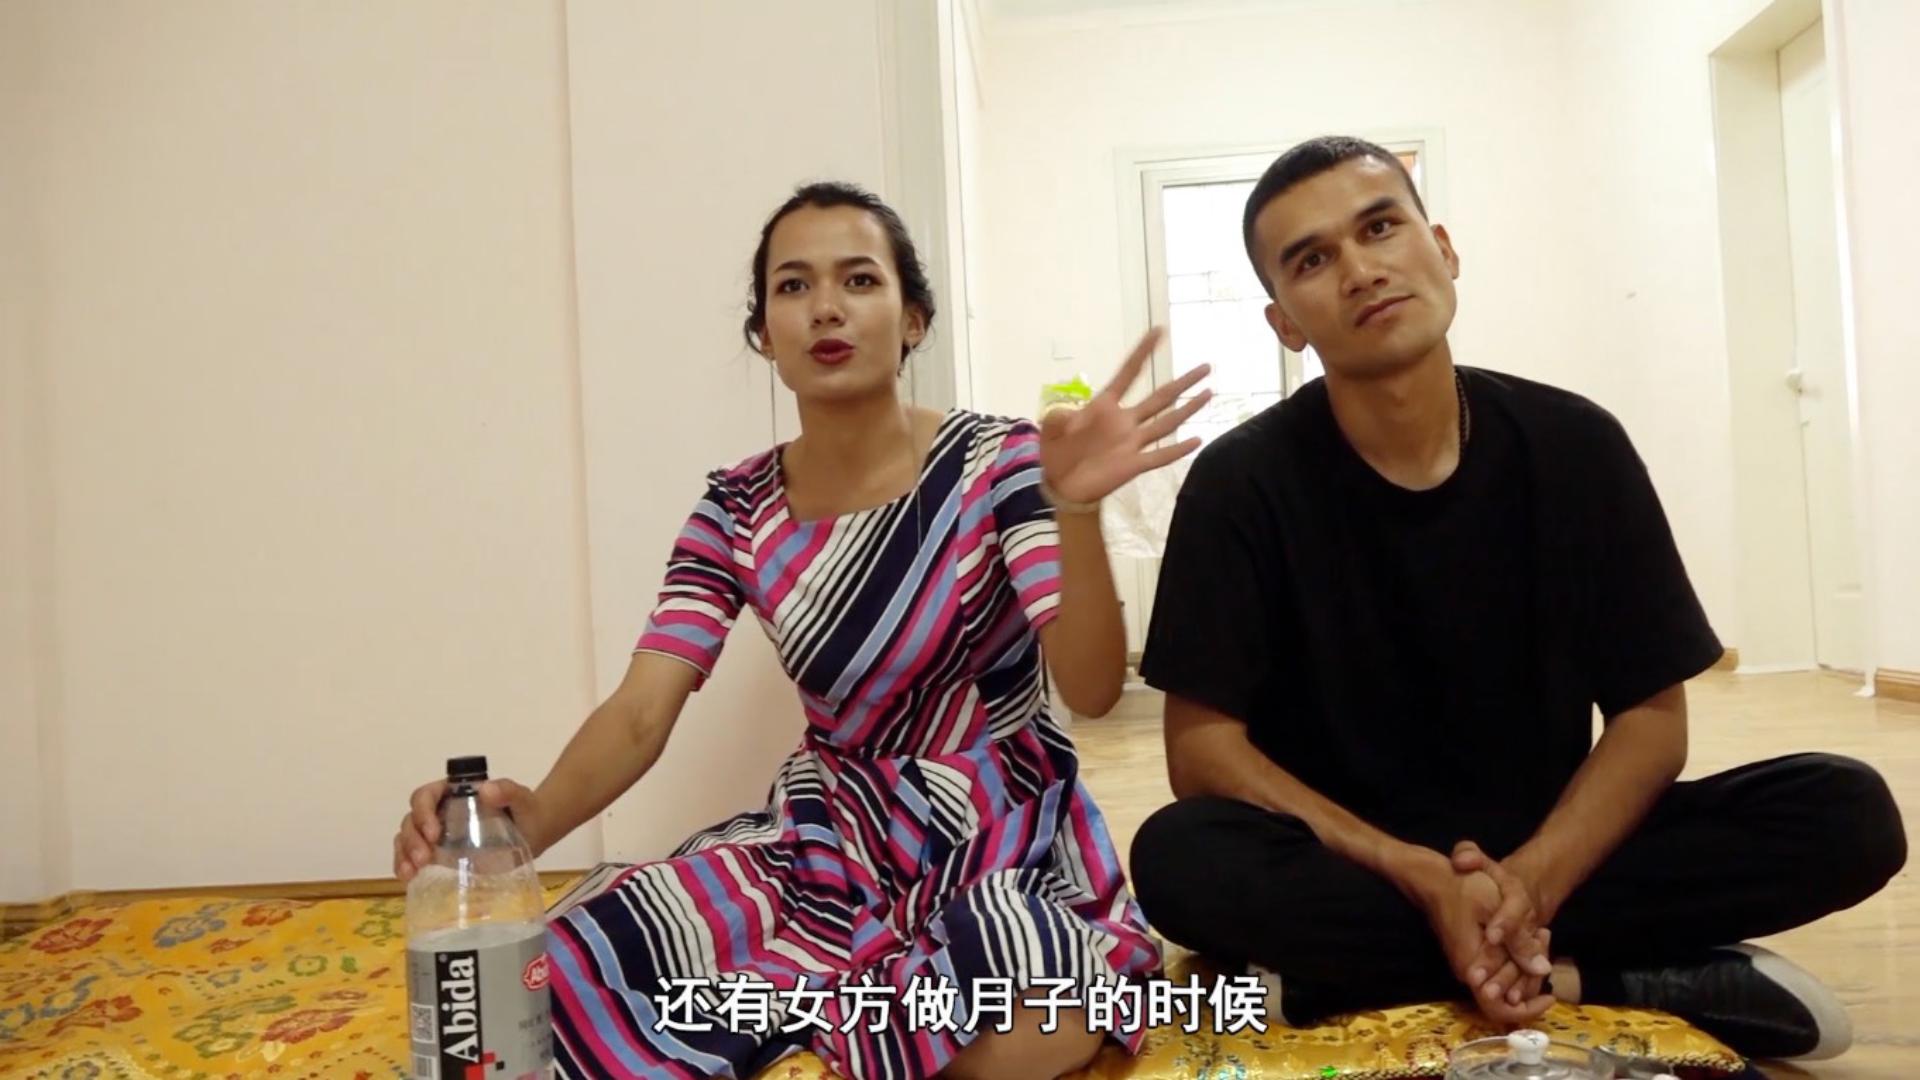 娶个新疆老婆是种什么体验?跟新疆小伙回家做客,这招待太丰盛了